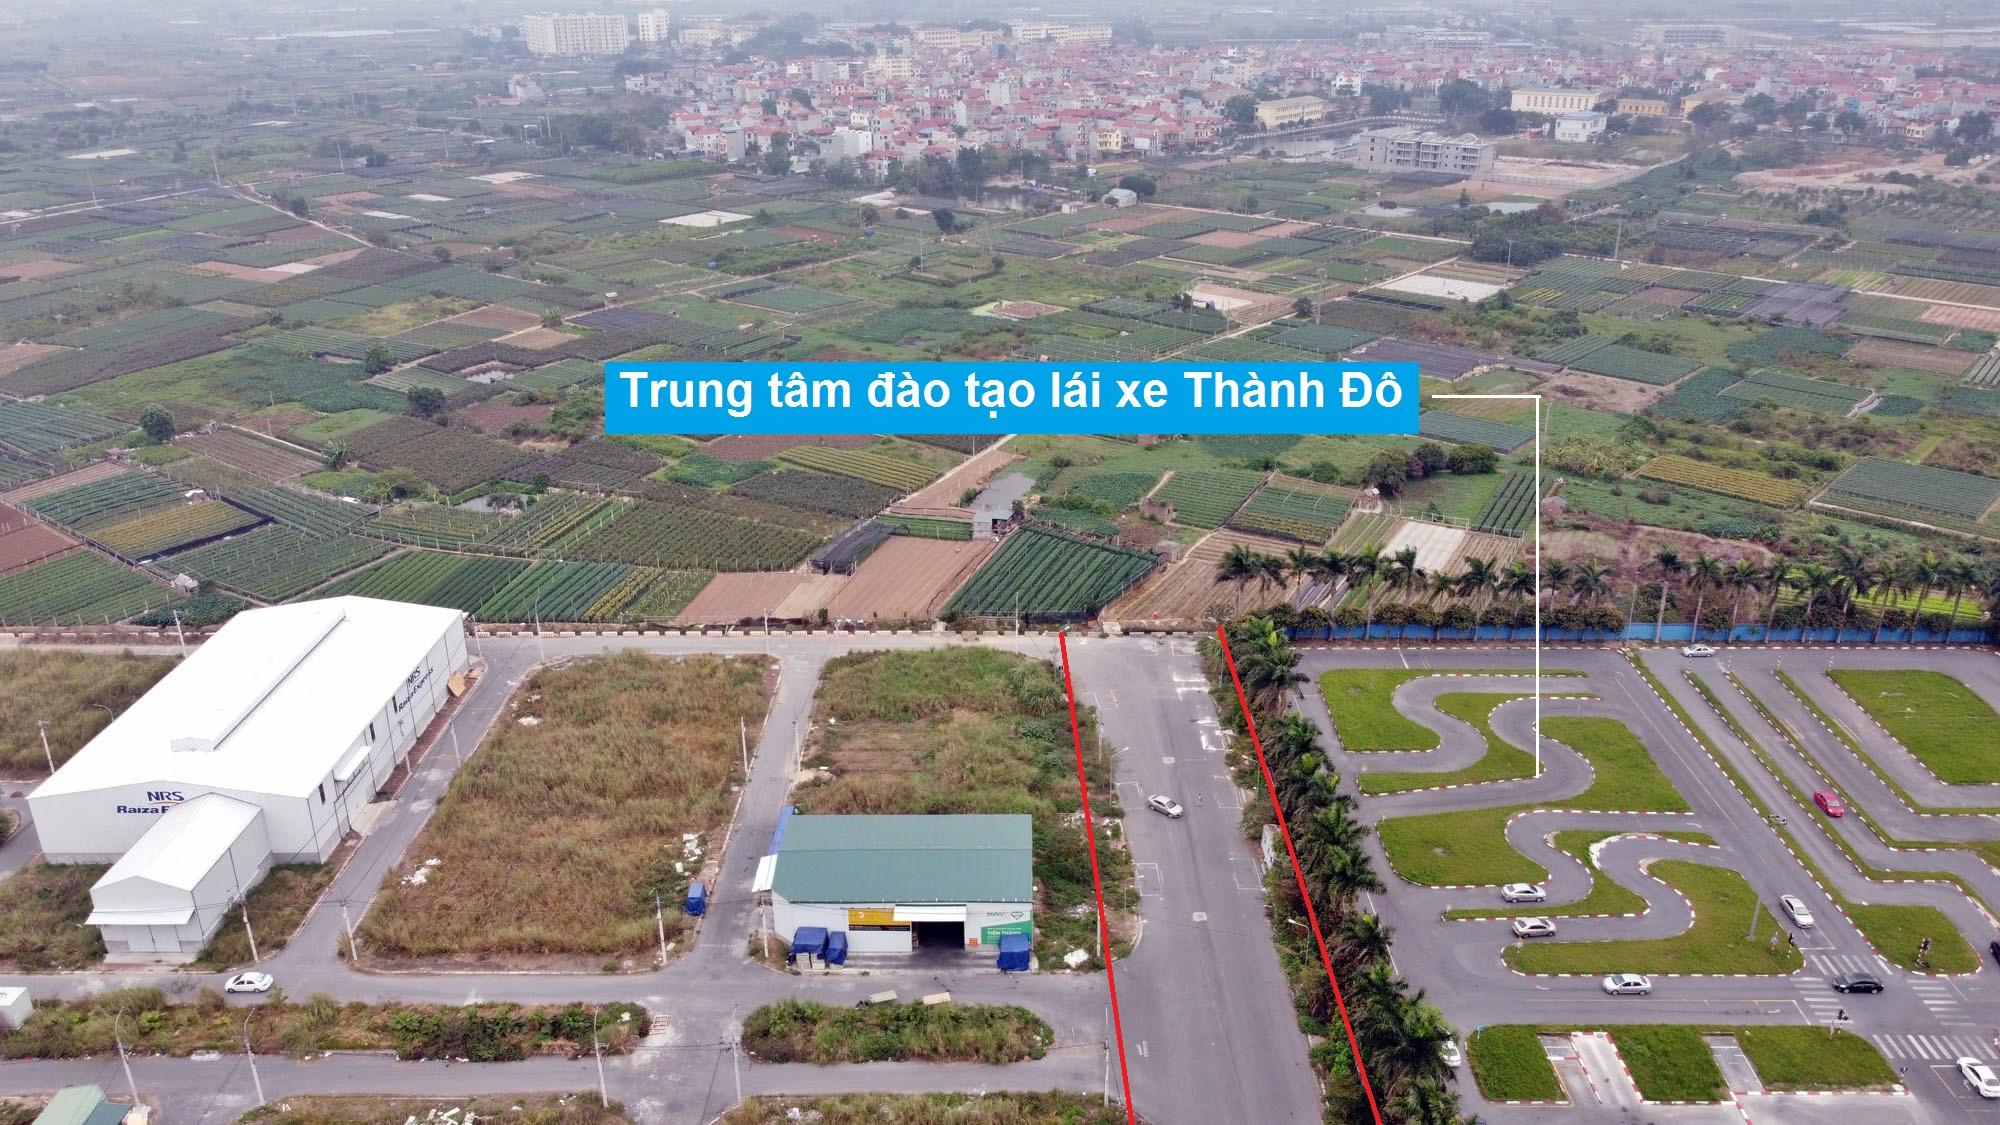 Đường sẽ mở theo quy hoạch ở xã Kim Chung, Hoài Đức, Hà Nội (phần 2) - Ảnh 5.